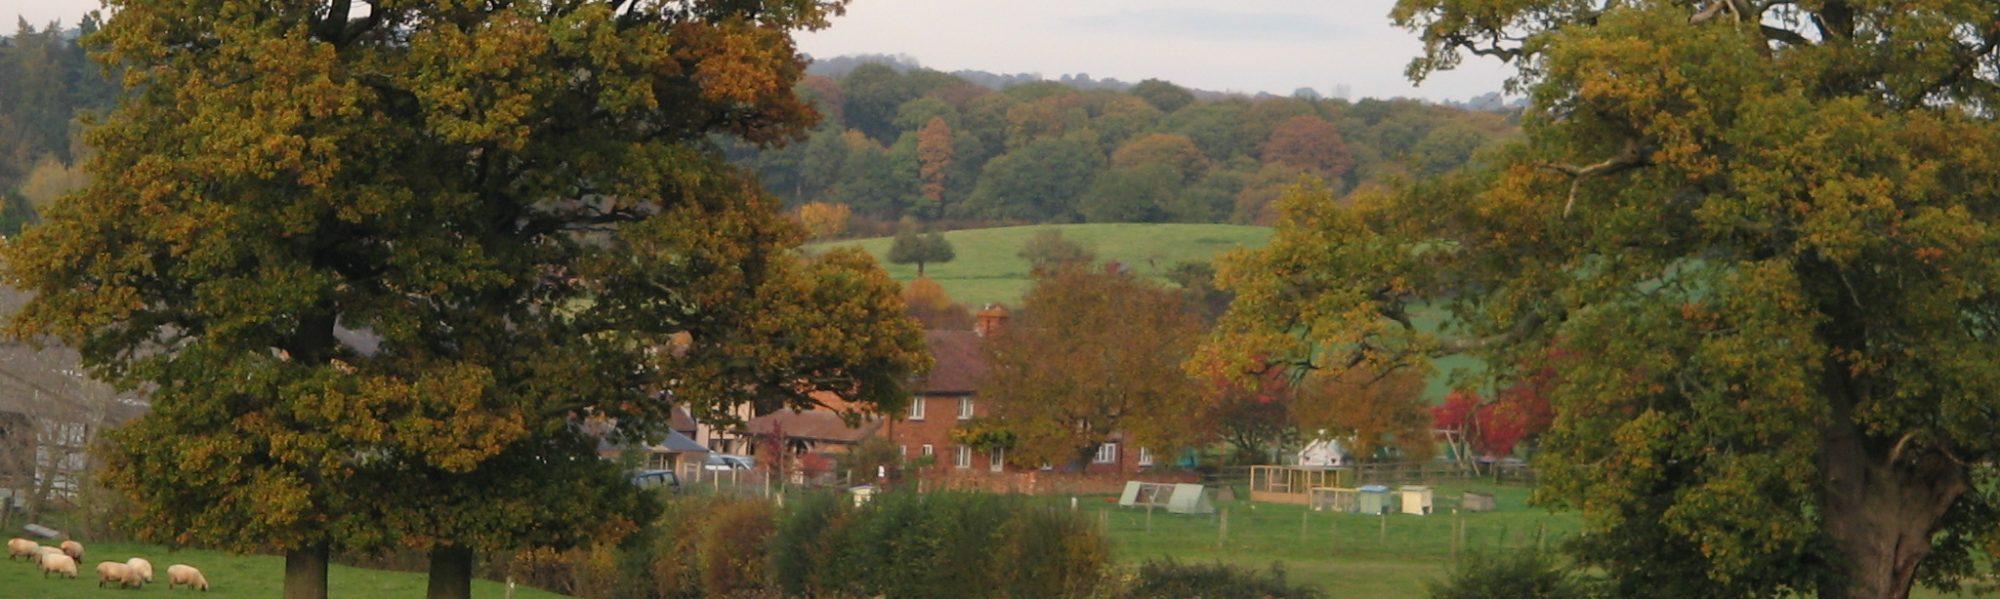 Hansnett Farm